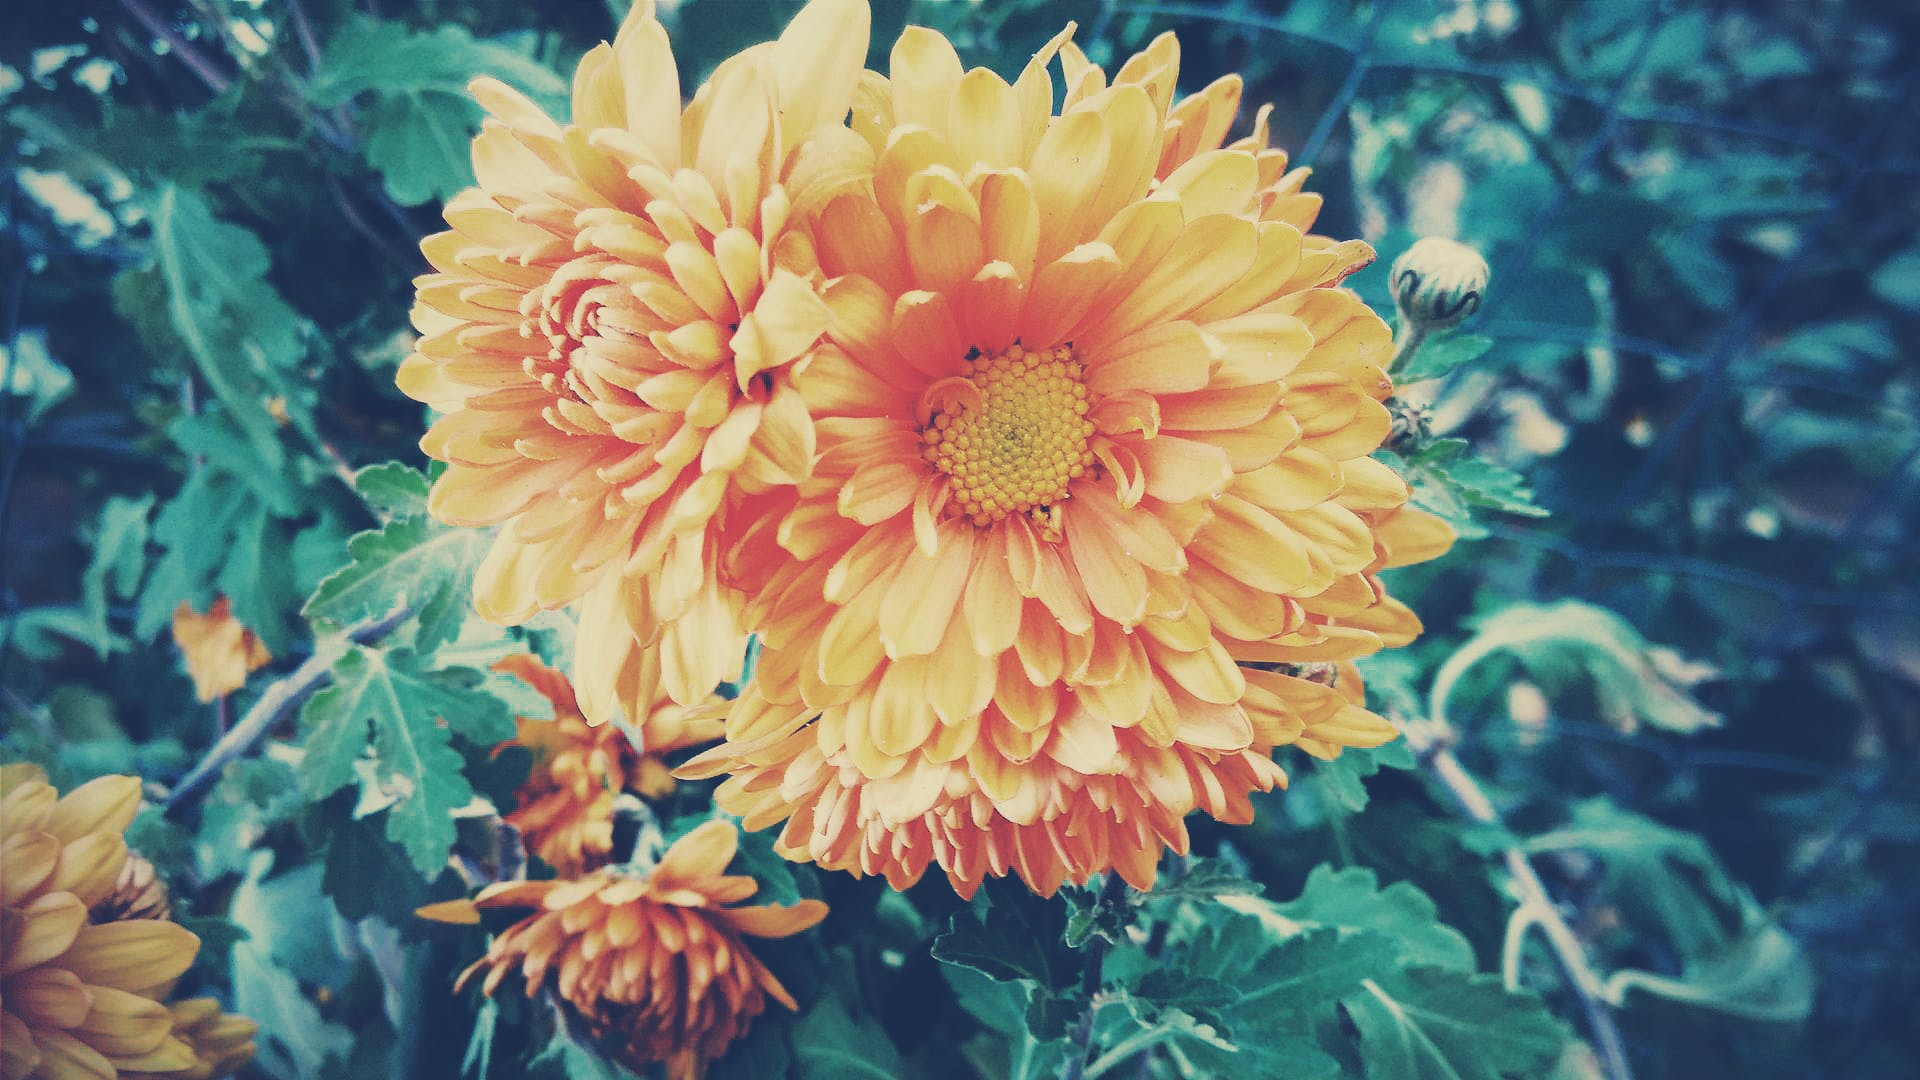 Kostenloses Stock Foto zu blumen, blütenblätter, bunt, chrysantheme